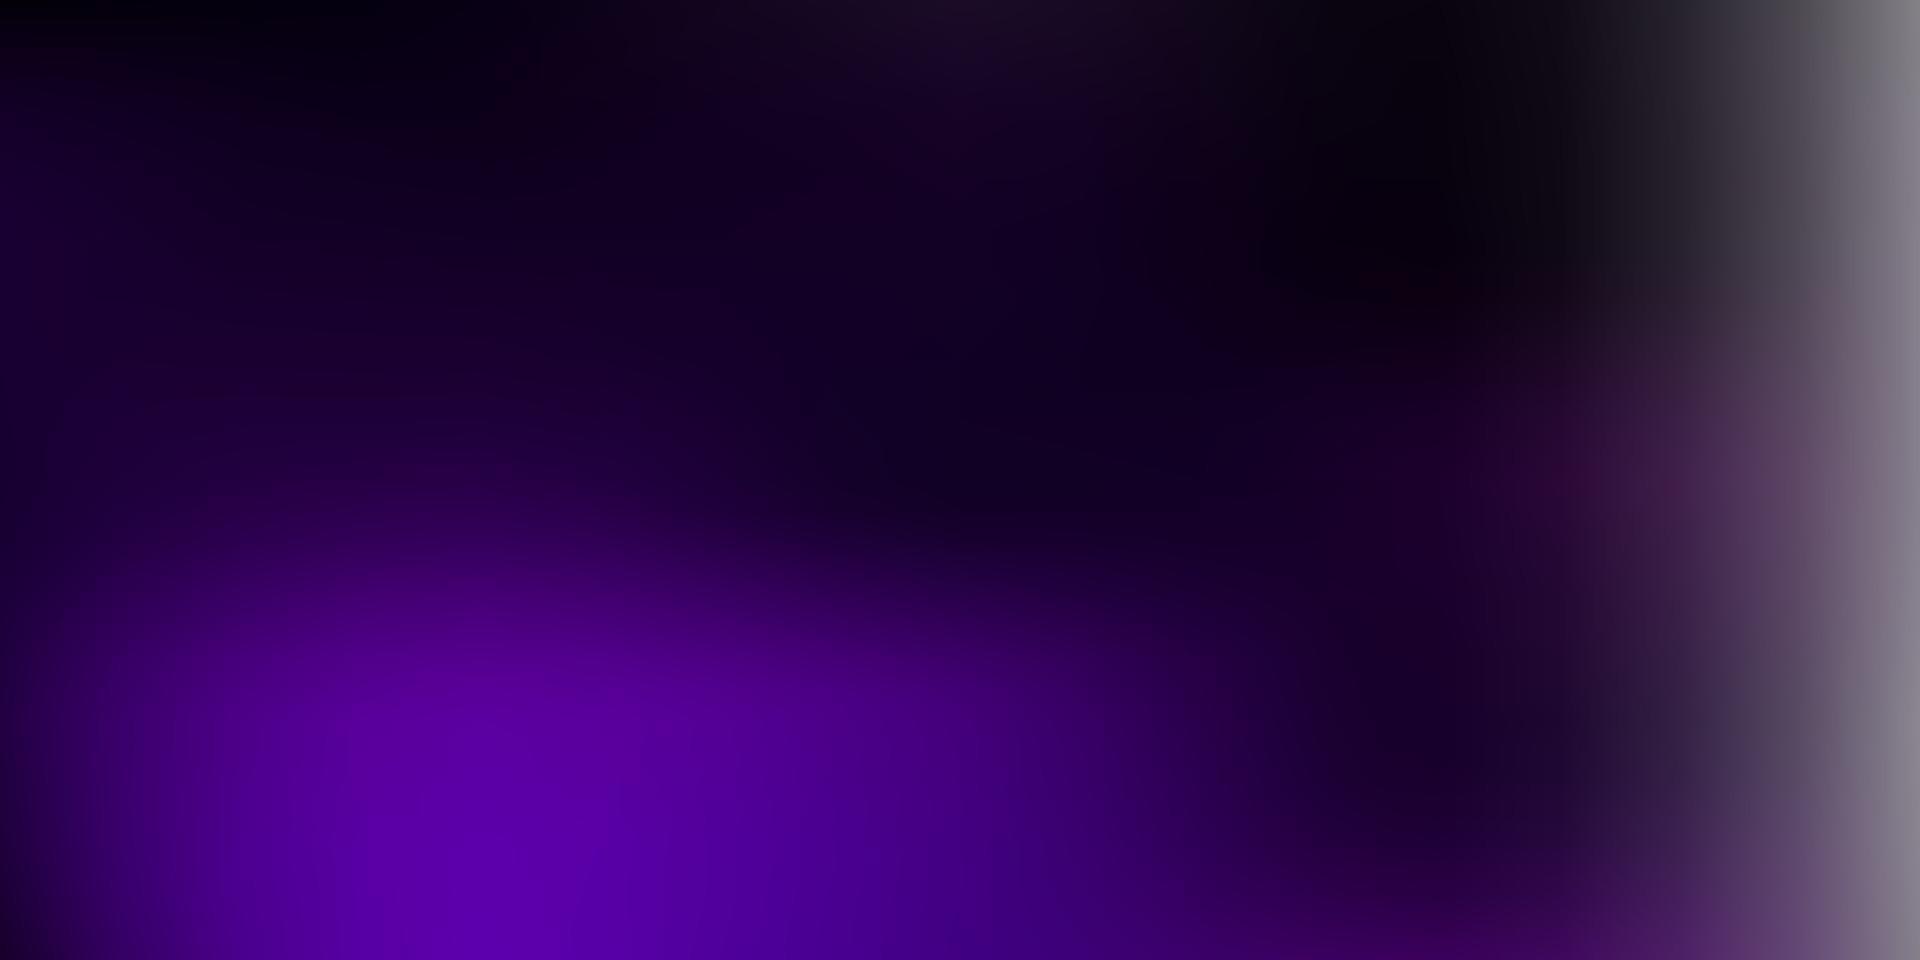 textura de desenfoque abstracto vector rosa oscuro.